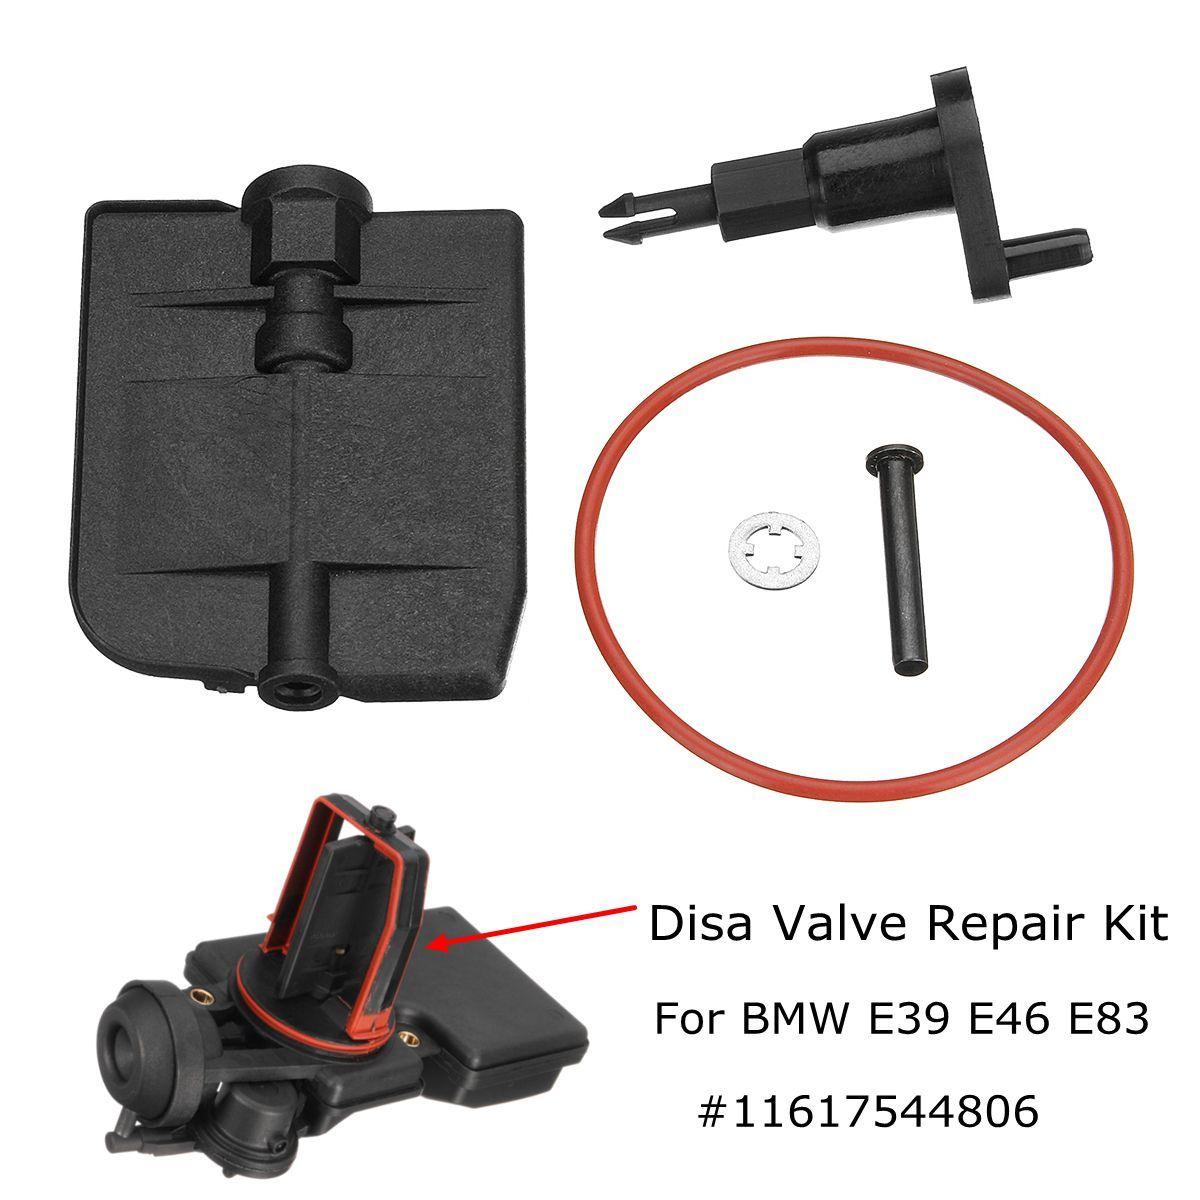 Saugrohr DISA Ventil Reparatur Kit 11617544806 für BMW E39 E46 E83 325i 525i M54 2,5 2001-2006